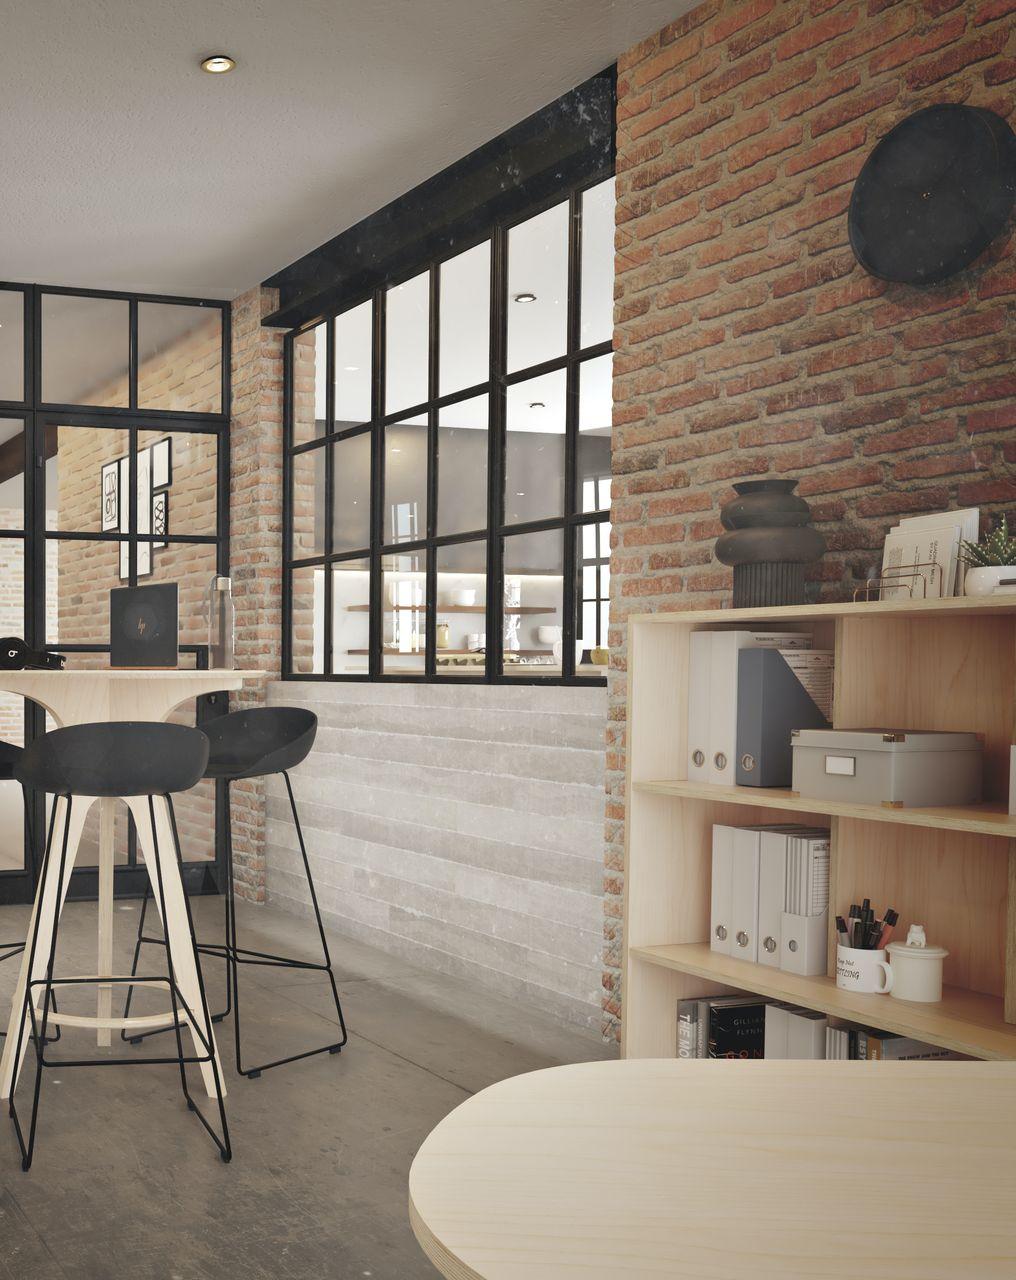 mange debout en bois pour une pause déjeuner rapide ou pour des échanges informels entre collaborateurs dans un environnement de travail à l'ambiance industrielle décorée de métal et de briques